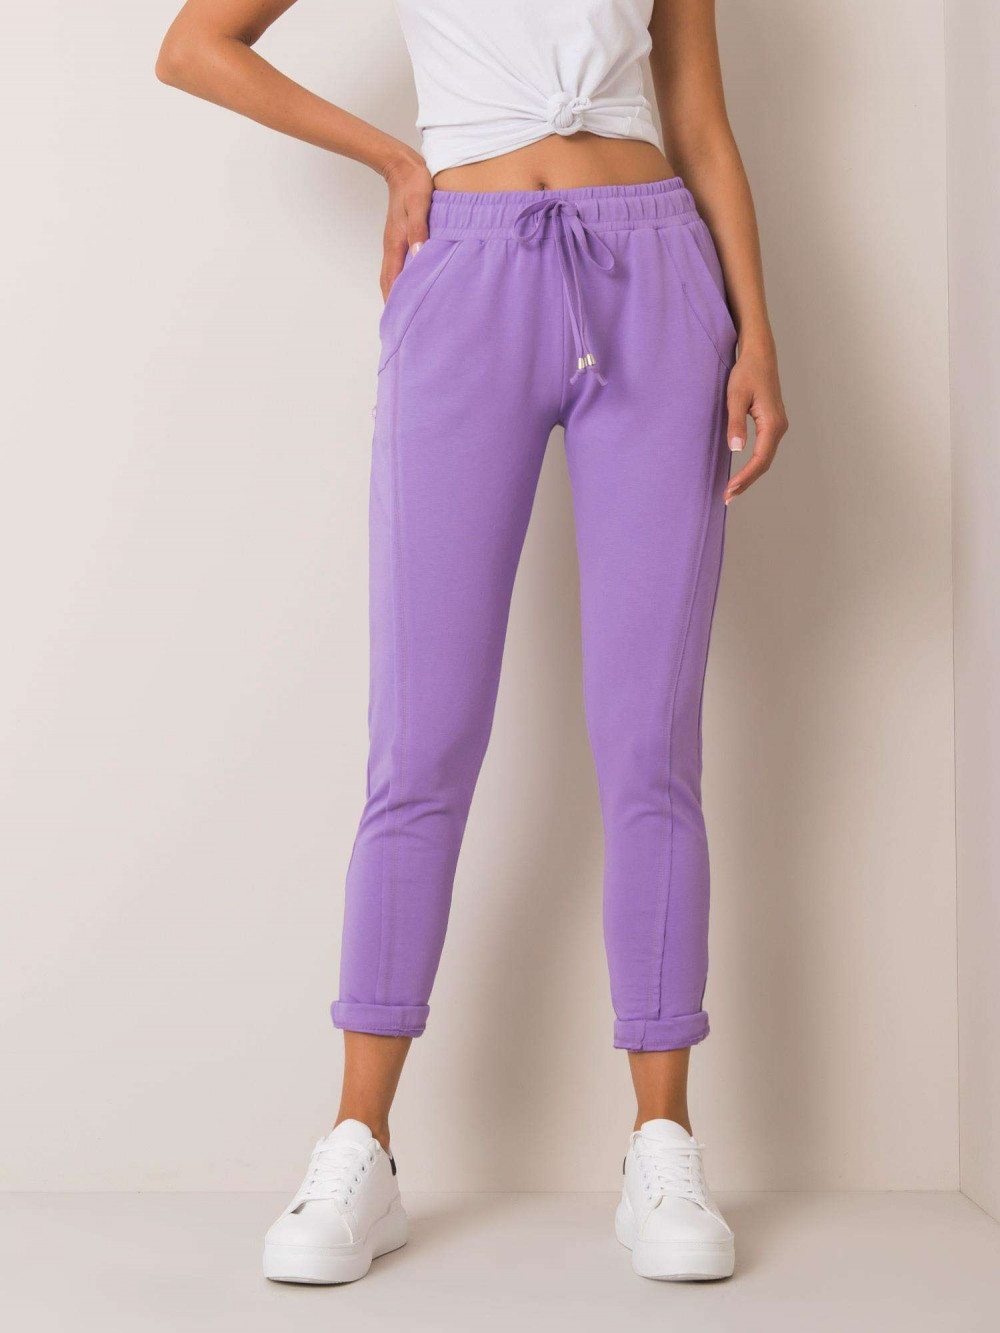 Fioletowe spodnie dresowe z kieszeniami Viole 2